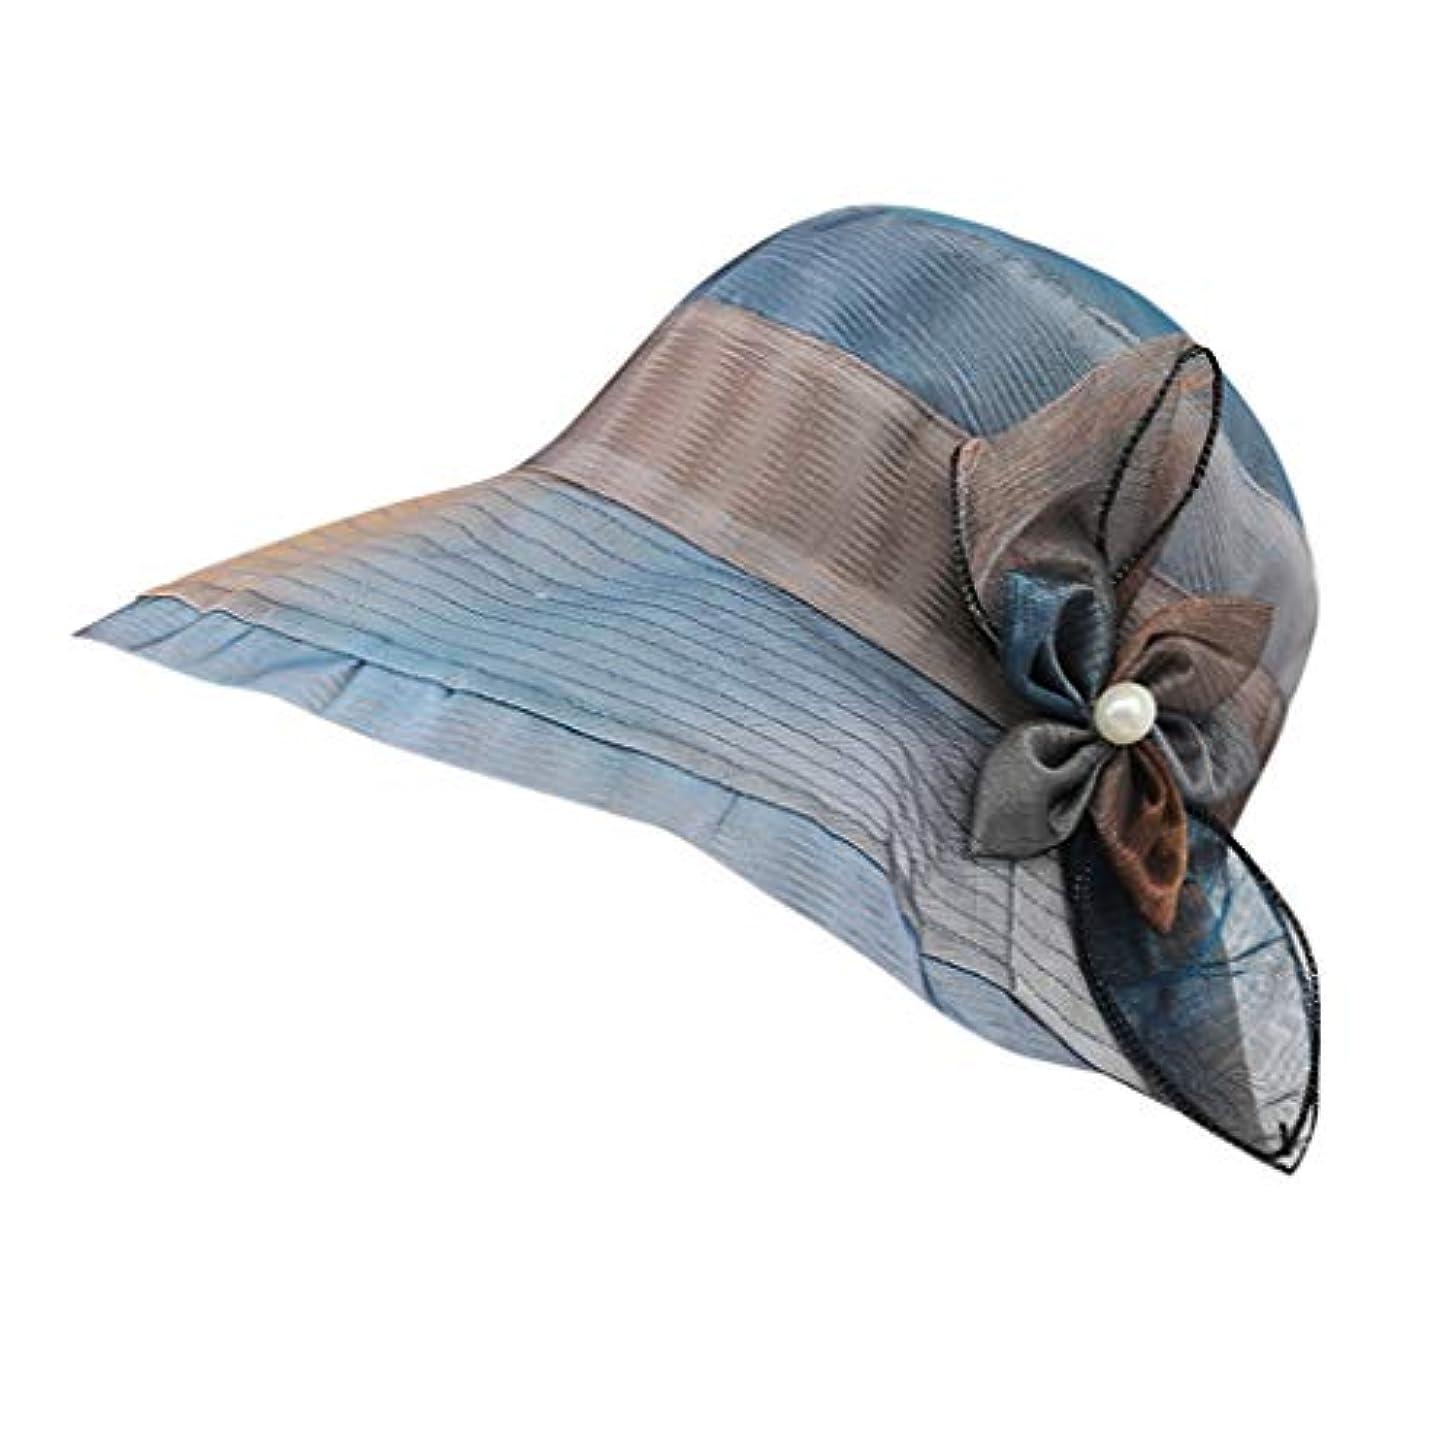 ペット解決キラウエア山ハット レディース UVカット 帽子 レディース 日よけ 帽子 レディース つば広 無地 洗える 紫外線対策 ハット カジュアル 旅行用 日よけ 夏季 女優帽 小顔効果抜群 可愛い 夏季 海 旅行 ROSE ROMAN